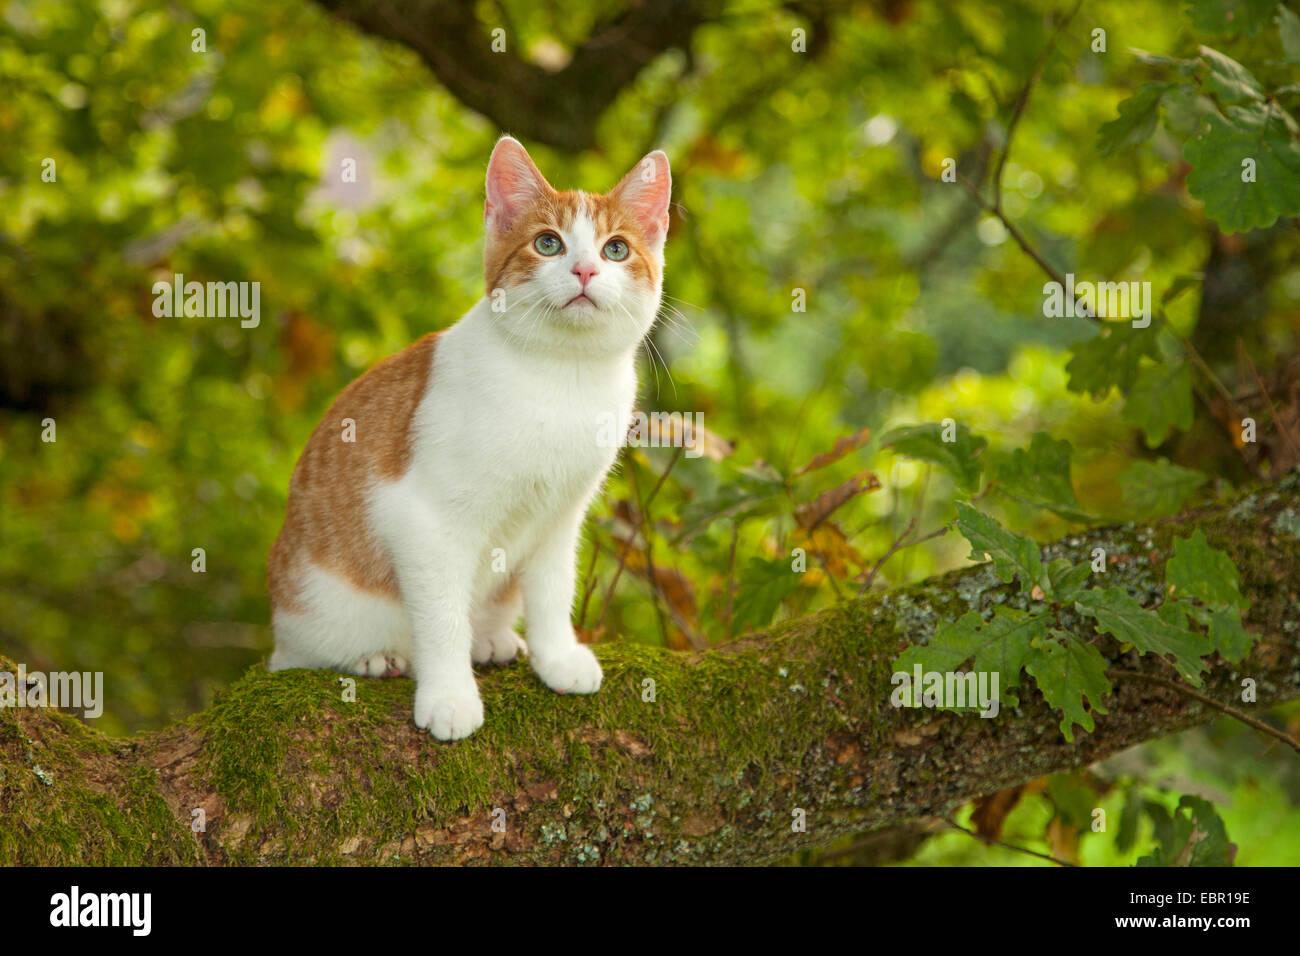 Chat domestique, le chat domestique (Felis silvestris catus) f., assis sur une branche, Allemagne Photo Stock